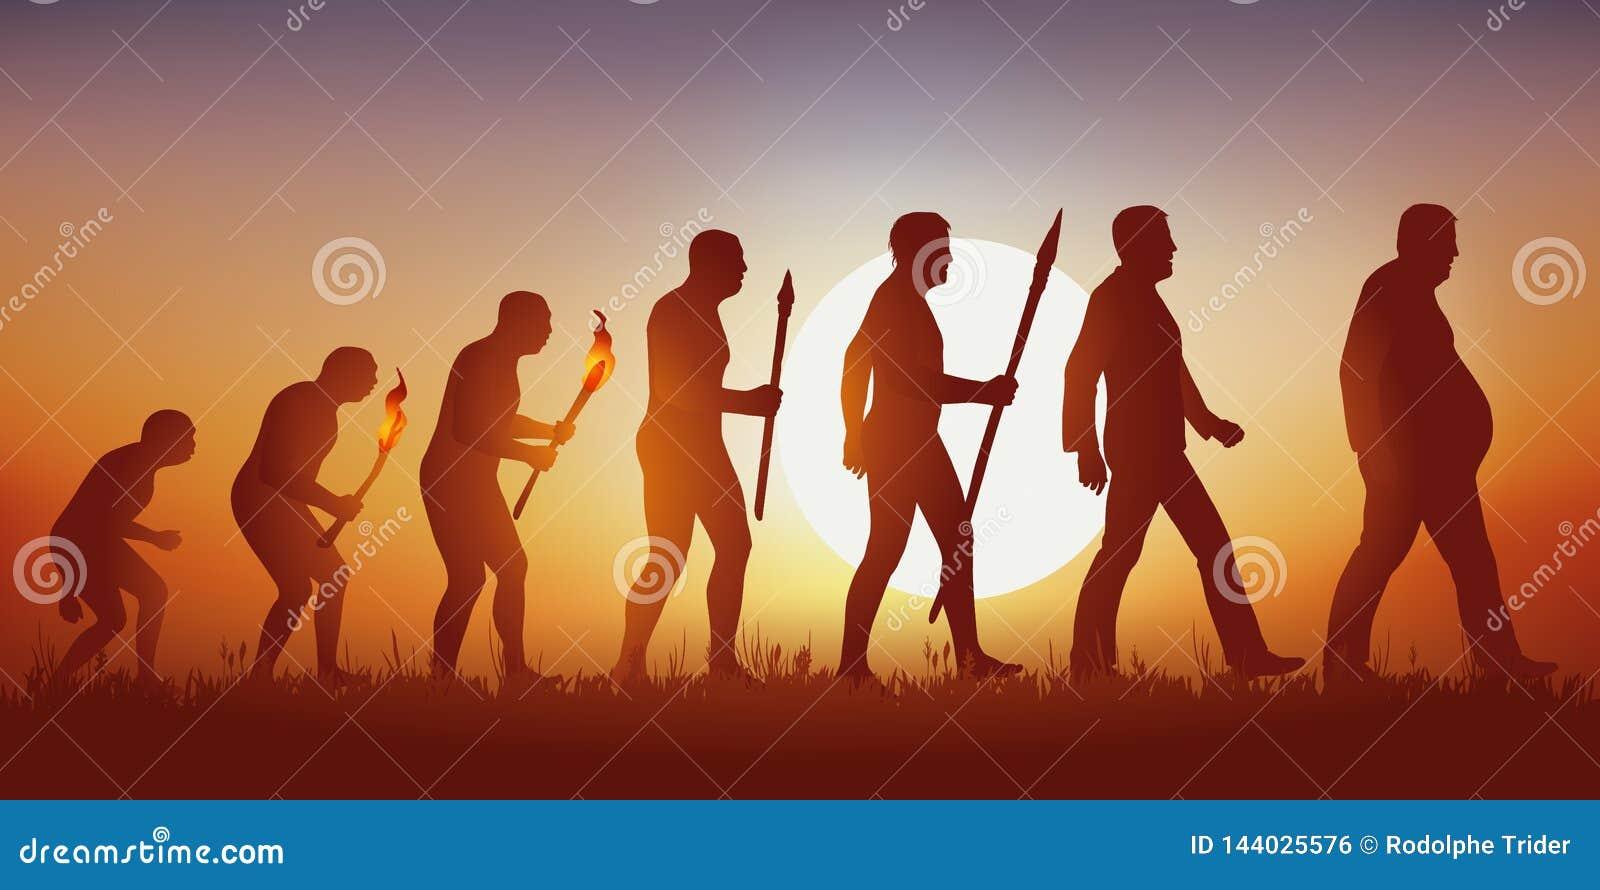 Θεωρία της εξέλιξης της ανθρώπινης σκιαγραφίας Darwin's που τελειώνει στη σκιαγραφία ενός παχύσαρκου ατόμου